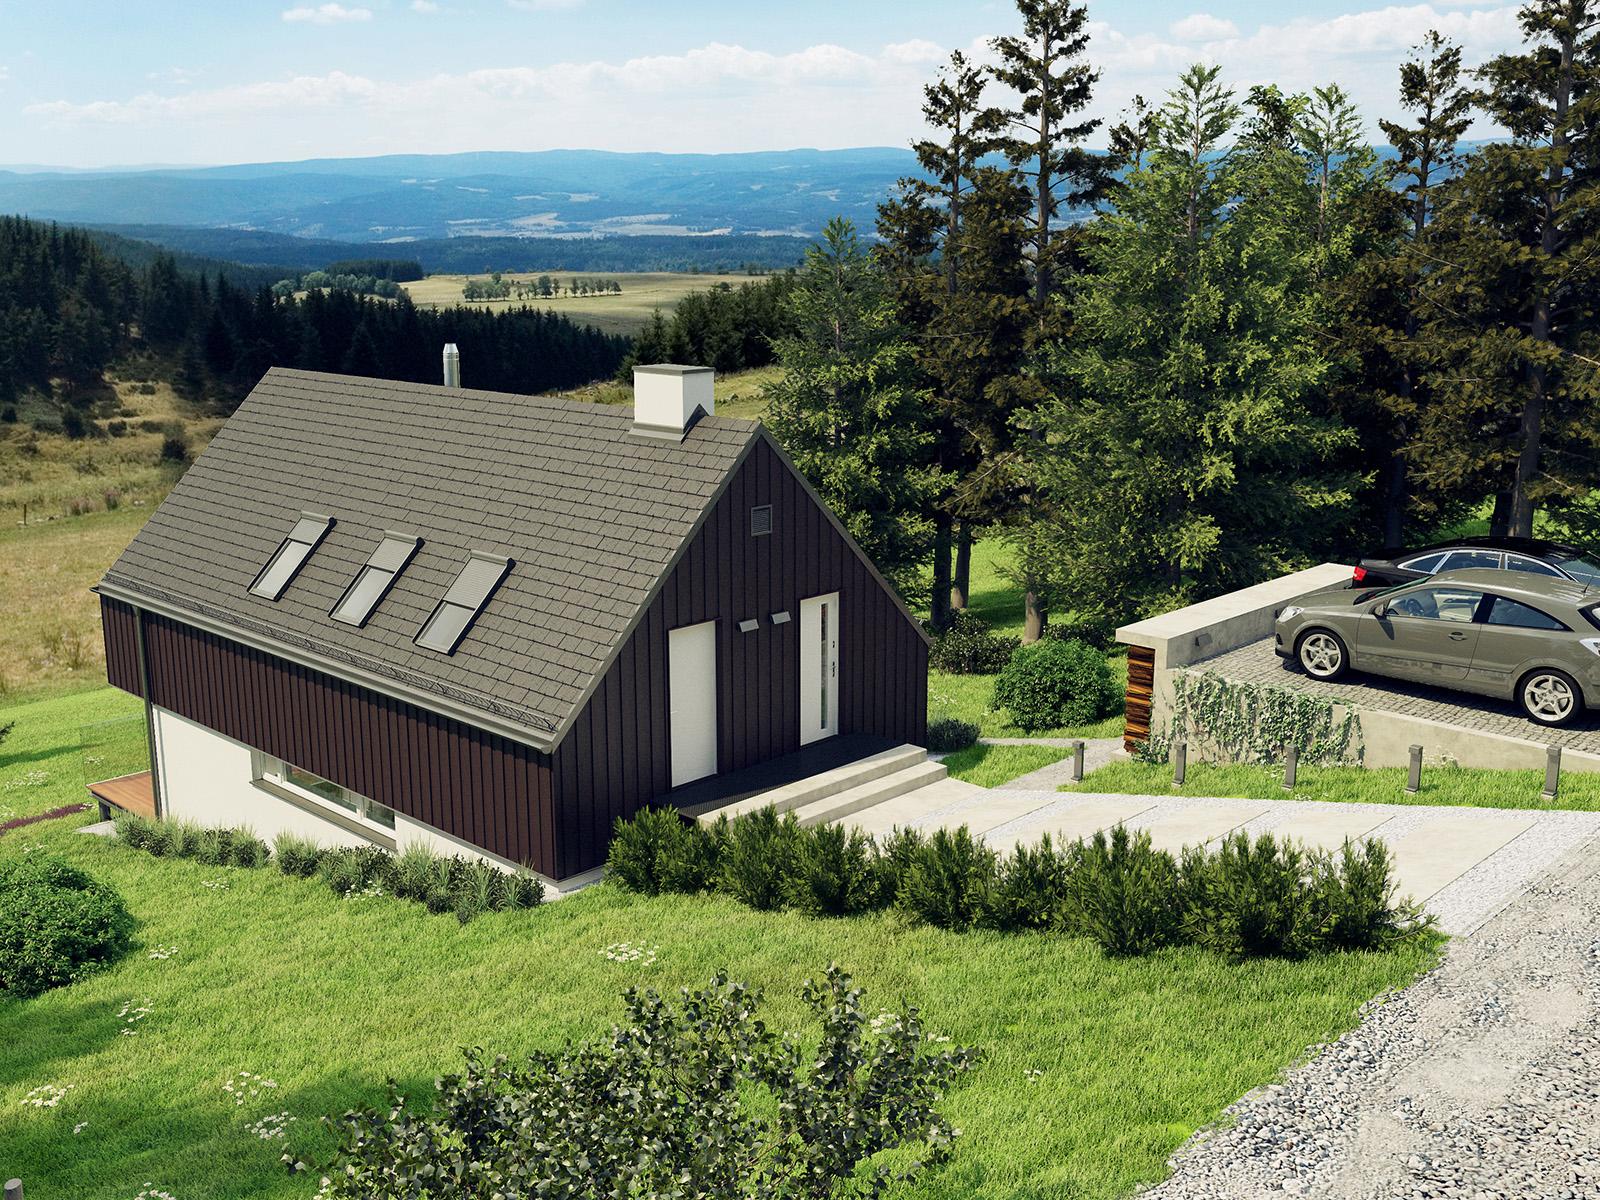 Projekt domu W KRAJOBRAZIE Domy Czystej Energii widok od frontu